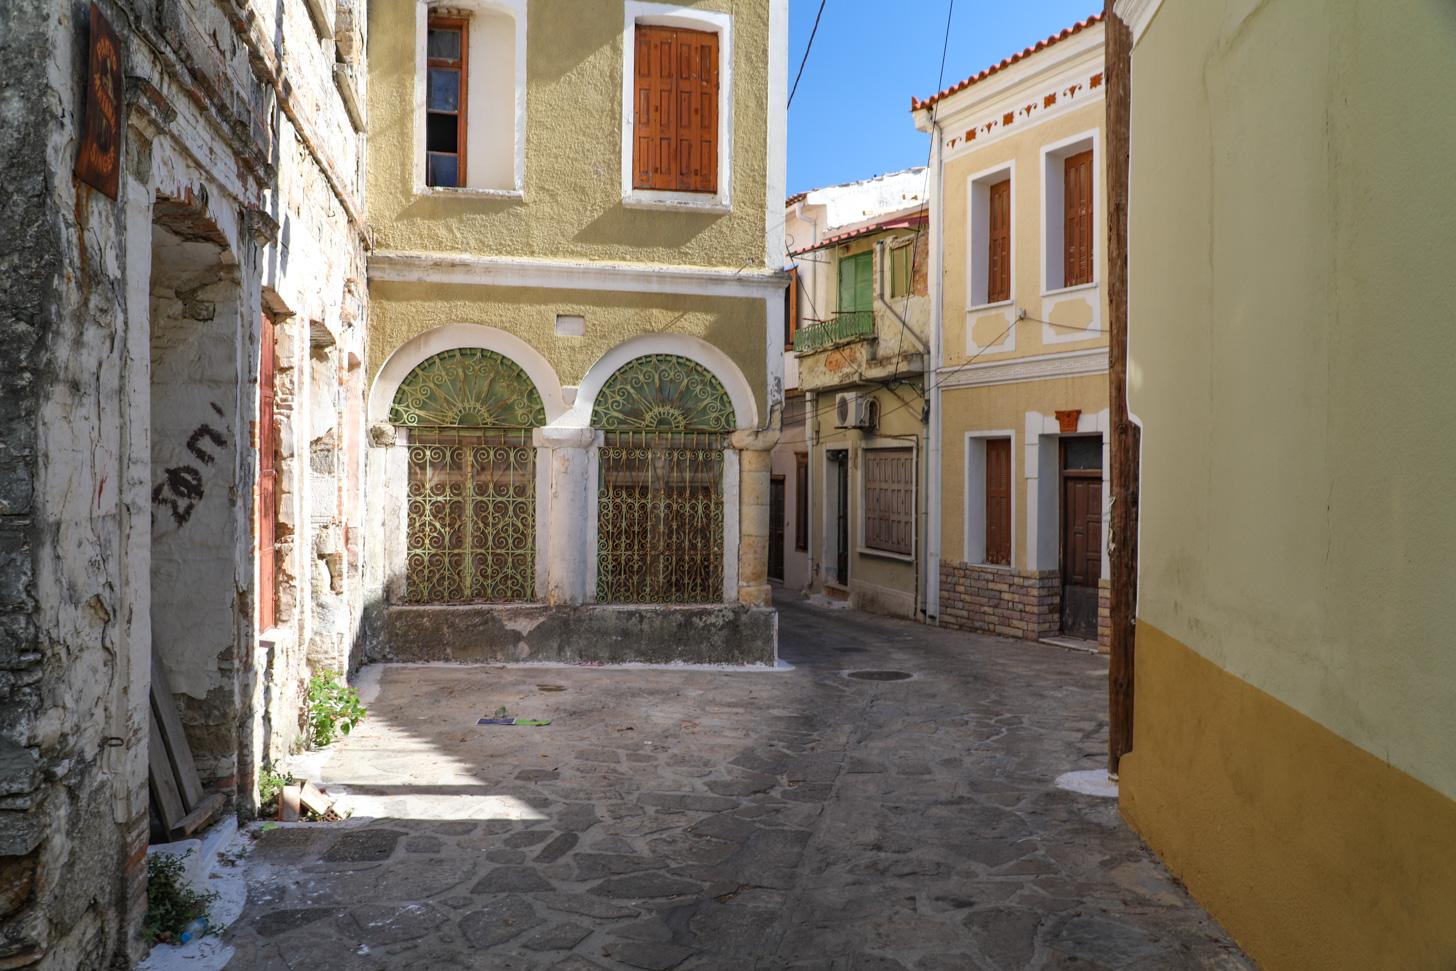 Het dorp Pyrgos (of Pirgos) op Samos